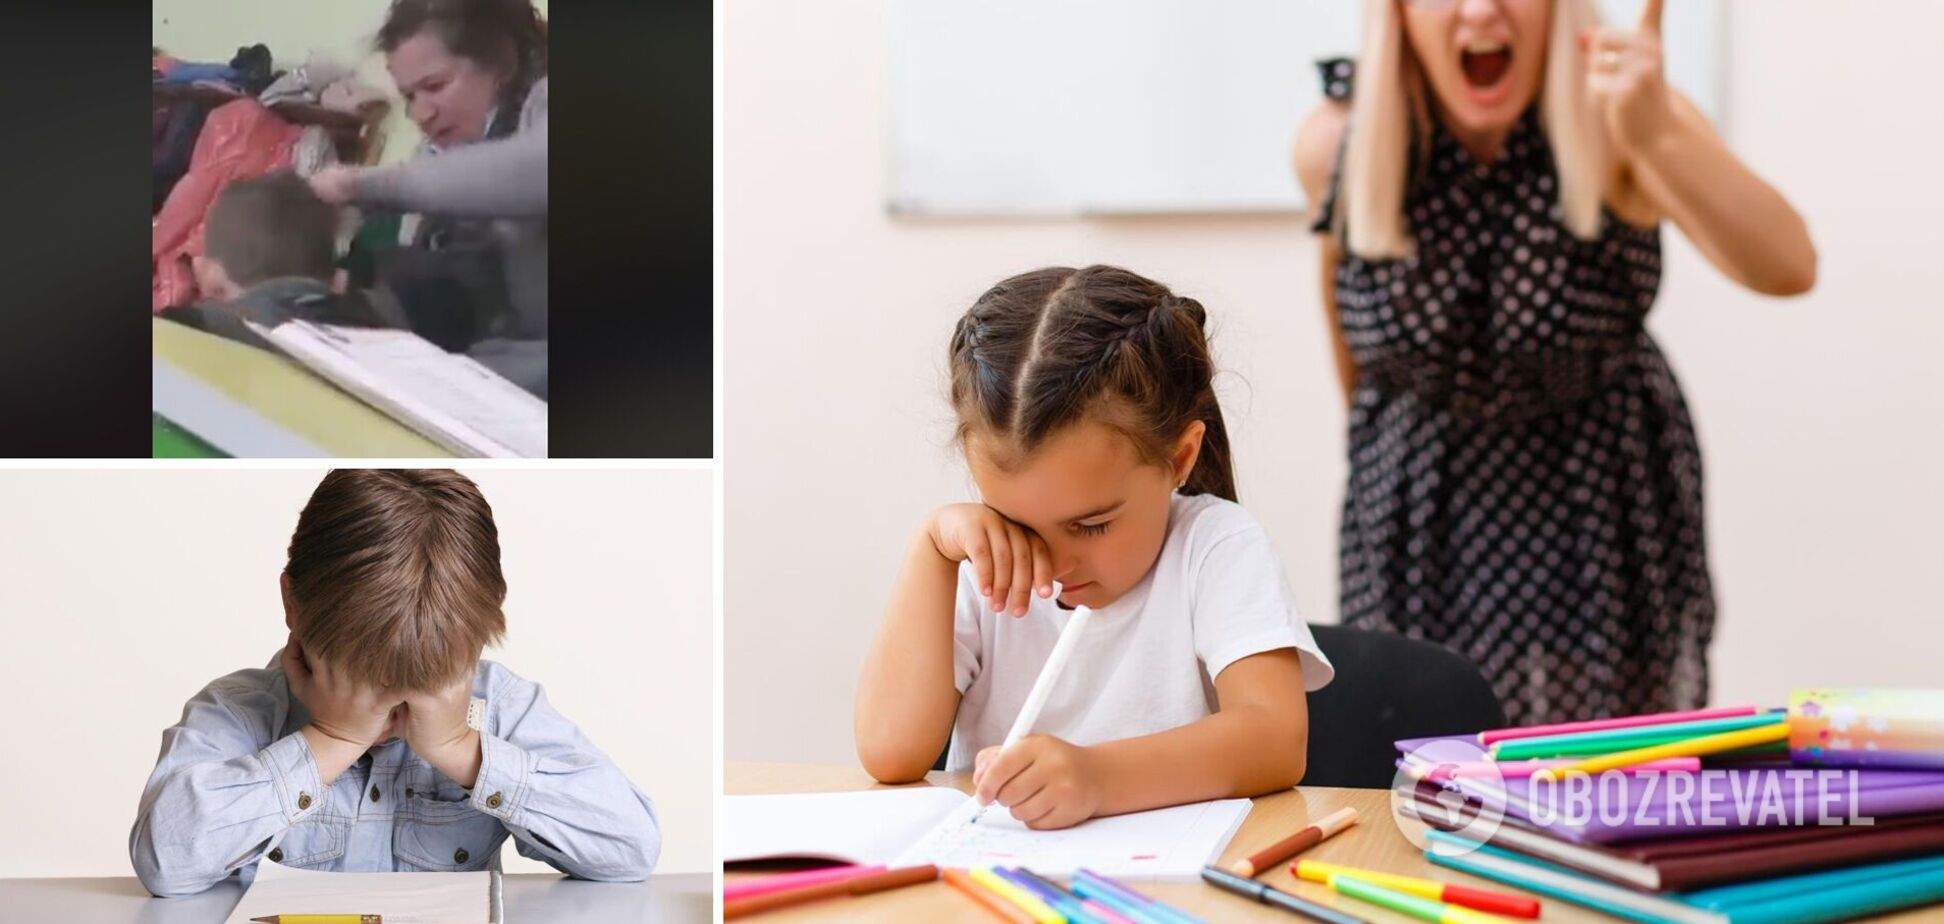 На Закарпатье учительница попала в скандал, схватив ребенка за волосы